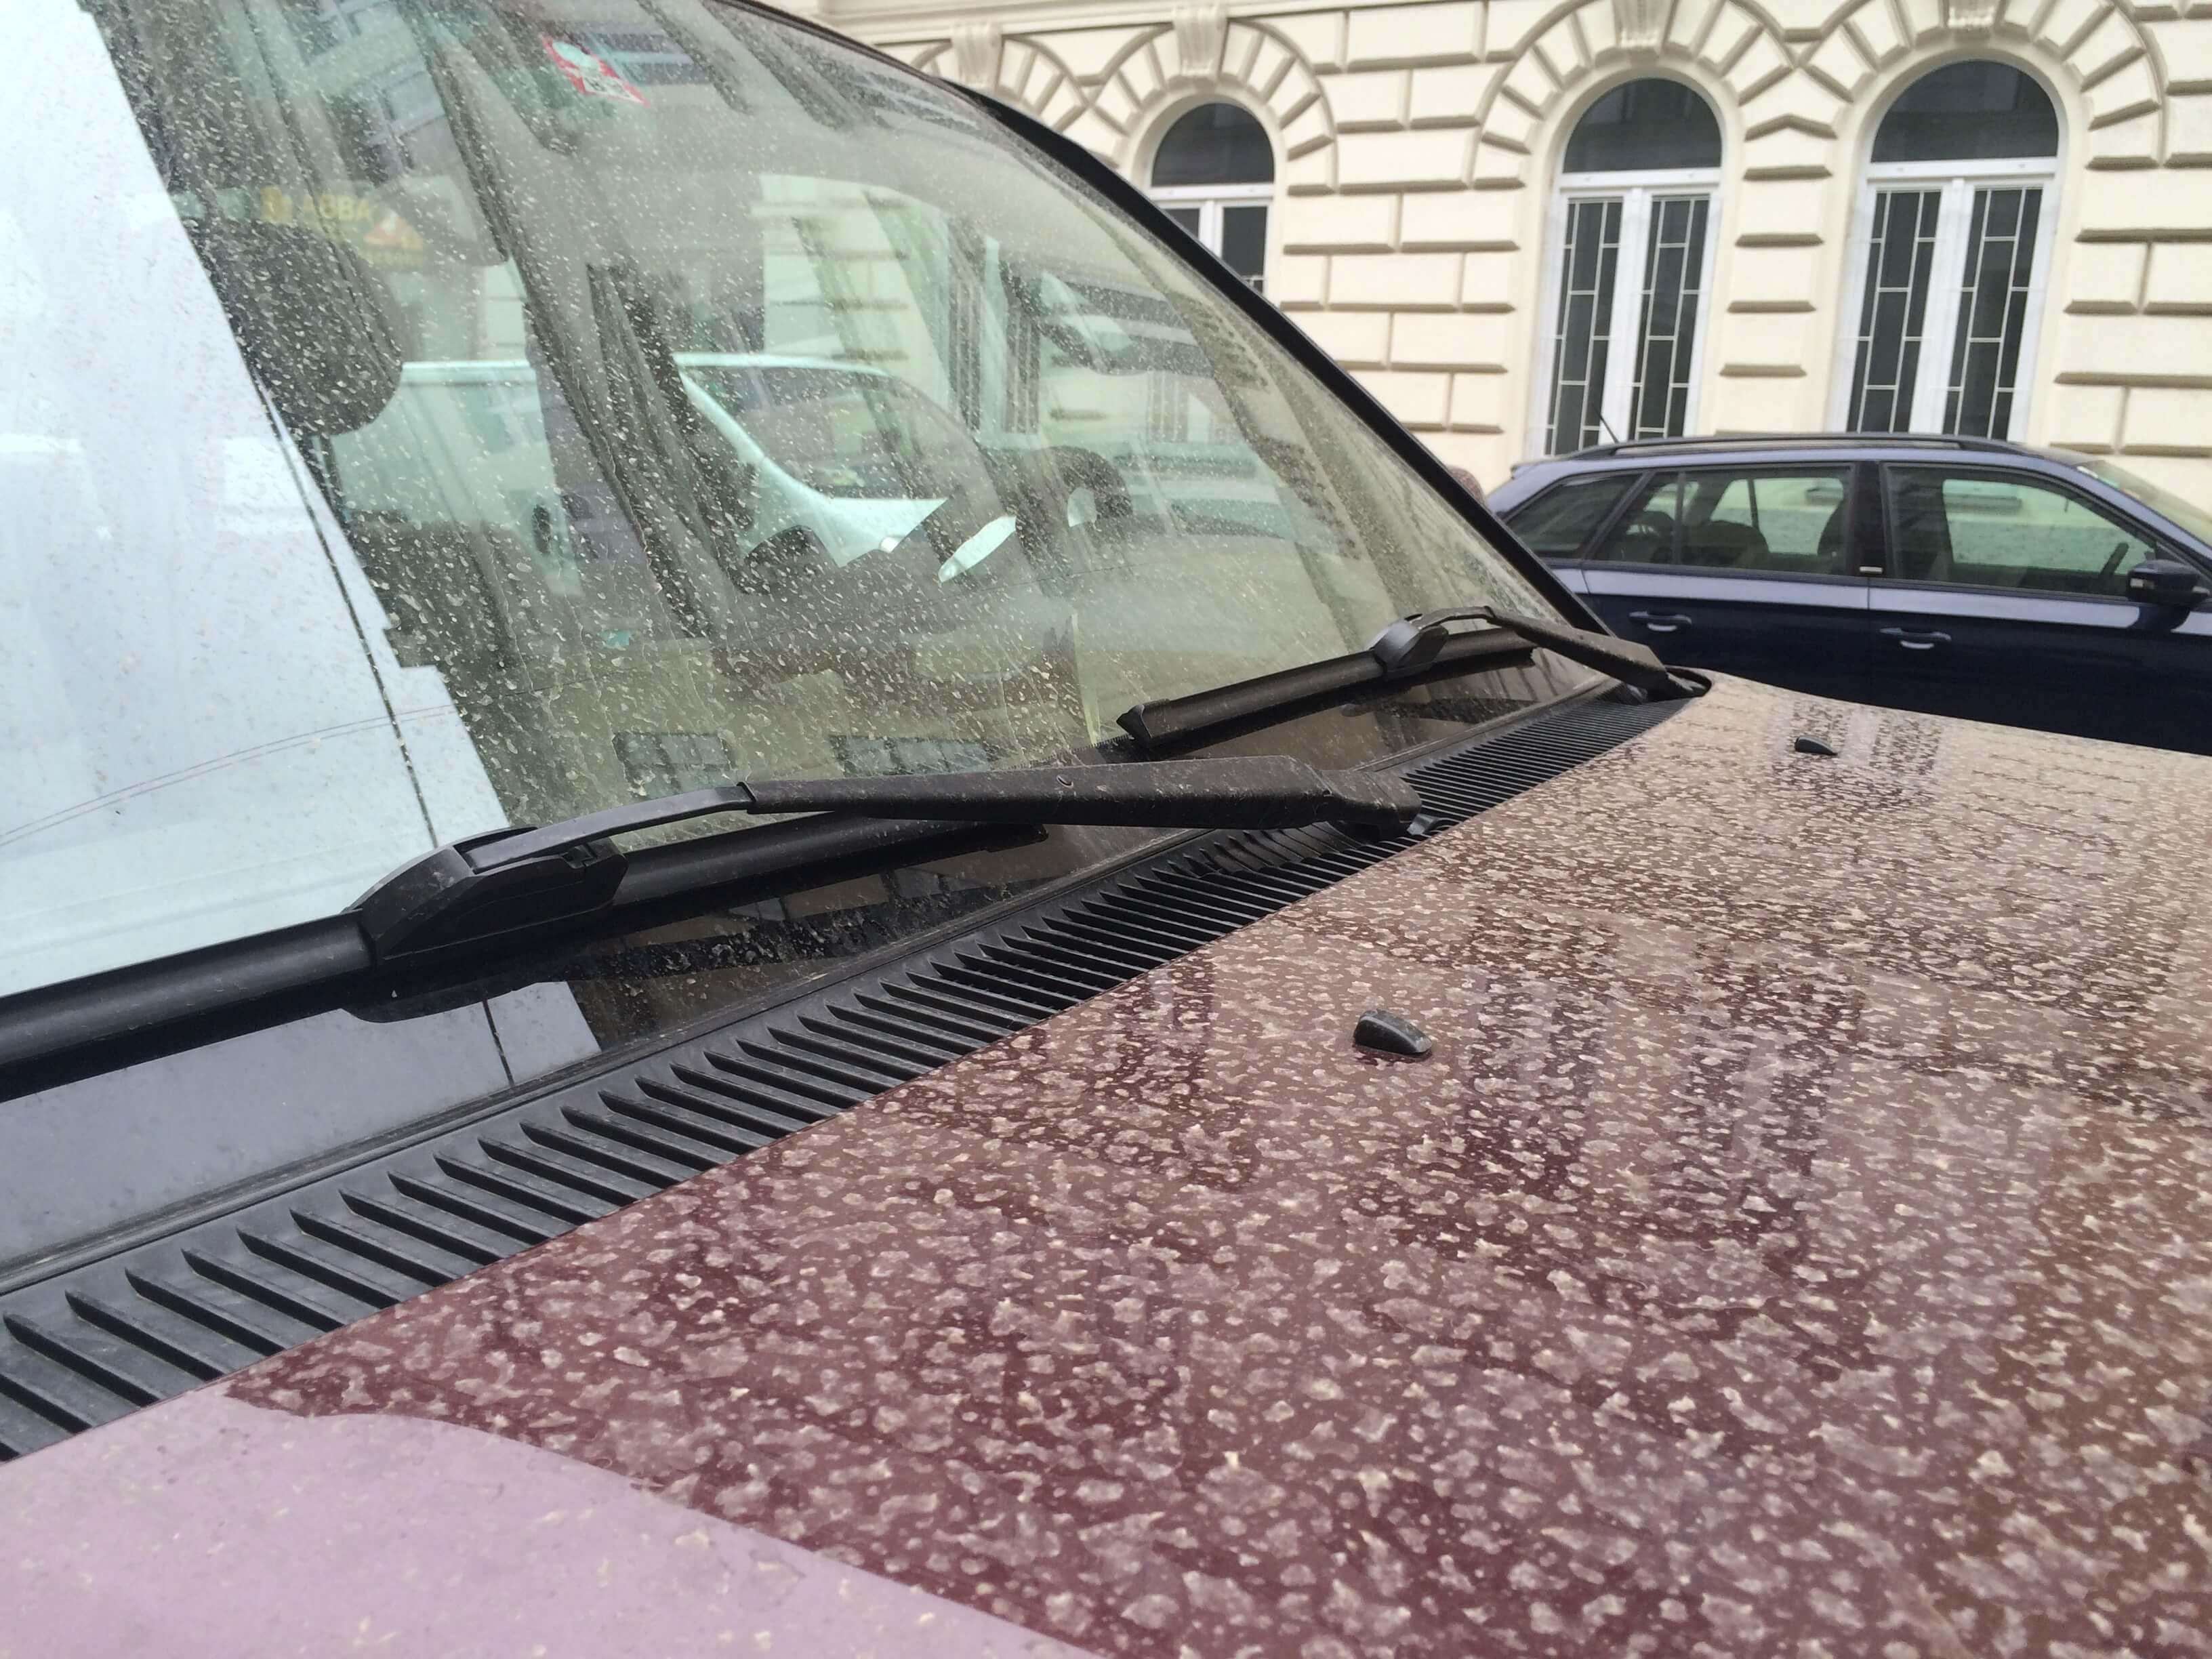 Niedergeschlagener Saharastaub auf Autos in Wien © Steffen Dietz, UBIMET